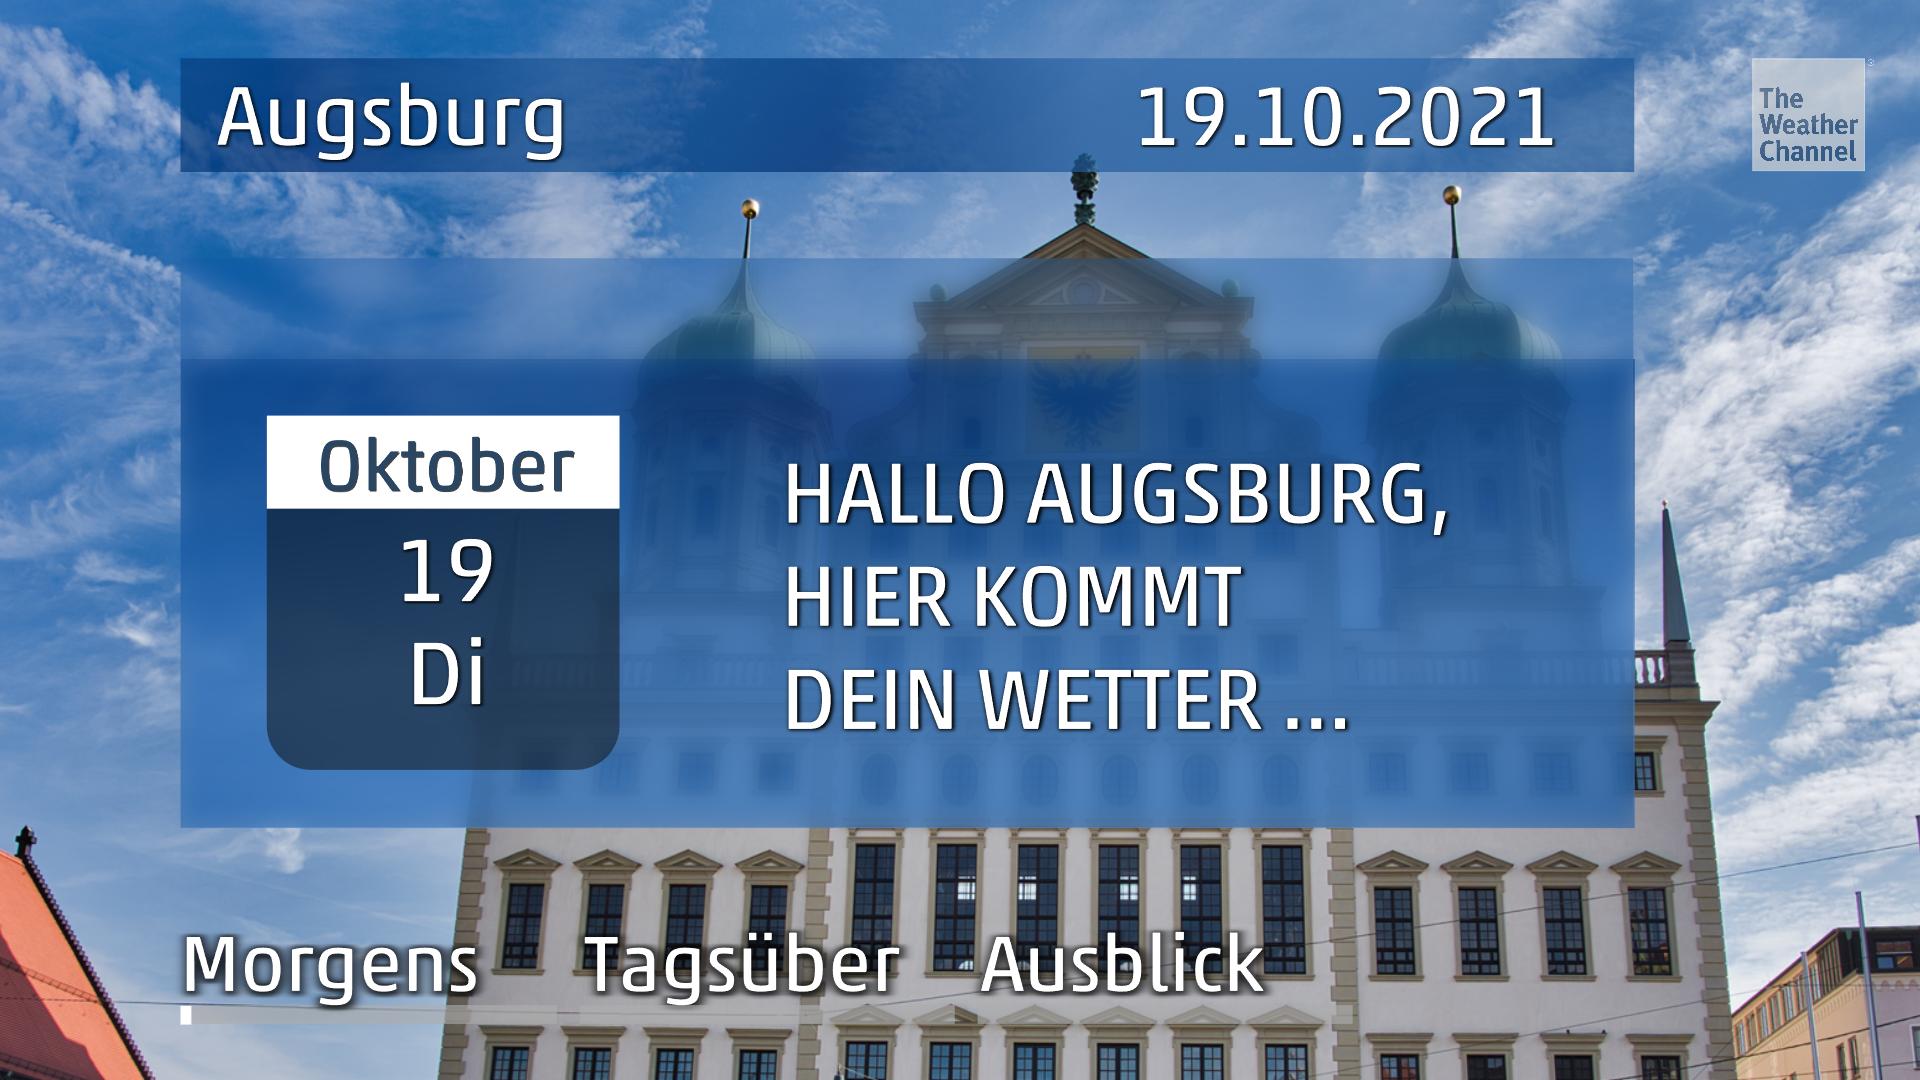 Das Wetter für Augsburg am Dienstag, den 19.10.2021